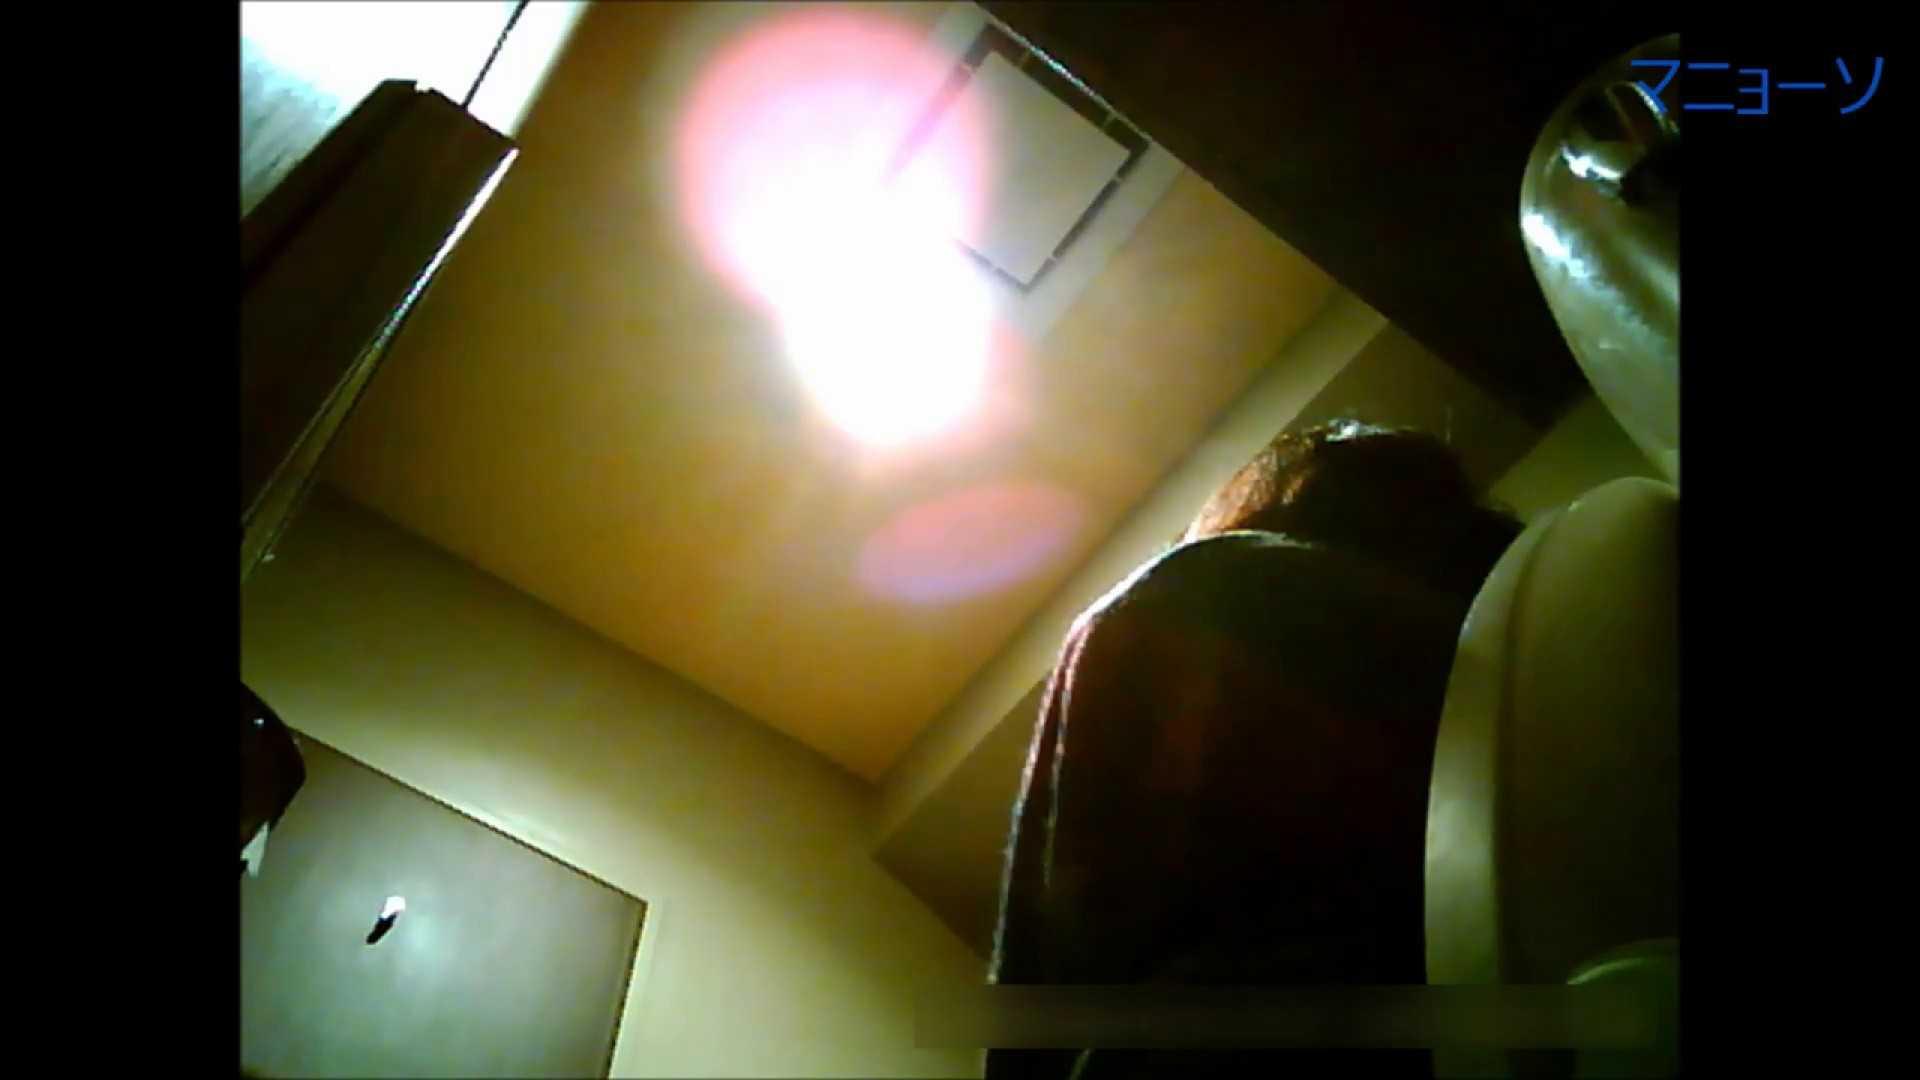 トイレでひと肌脱いでもらいました (JD編)Vol.02 トイレ中の女子達  106連発 16